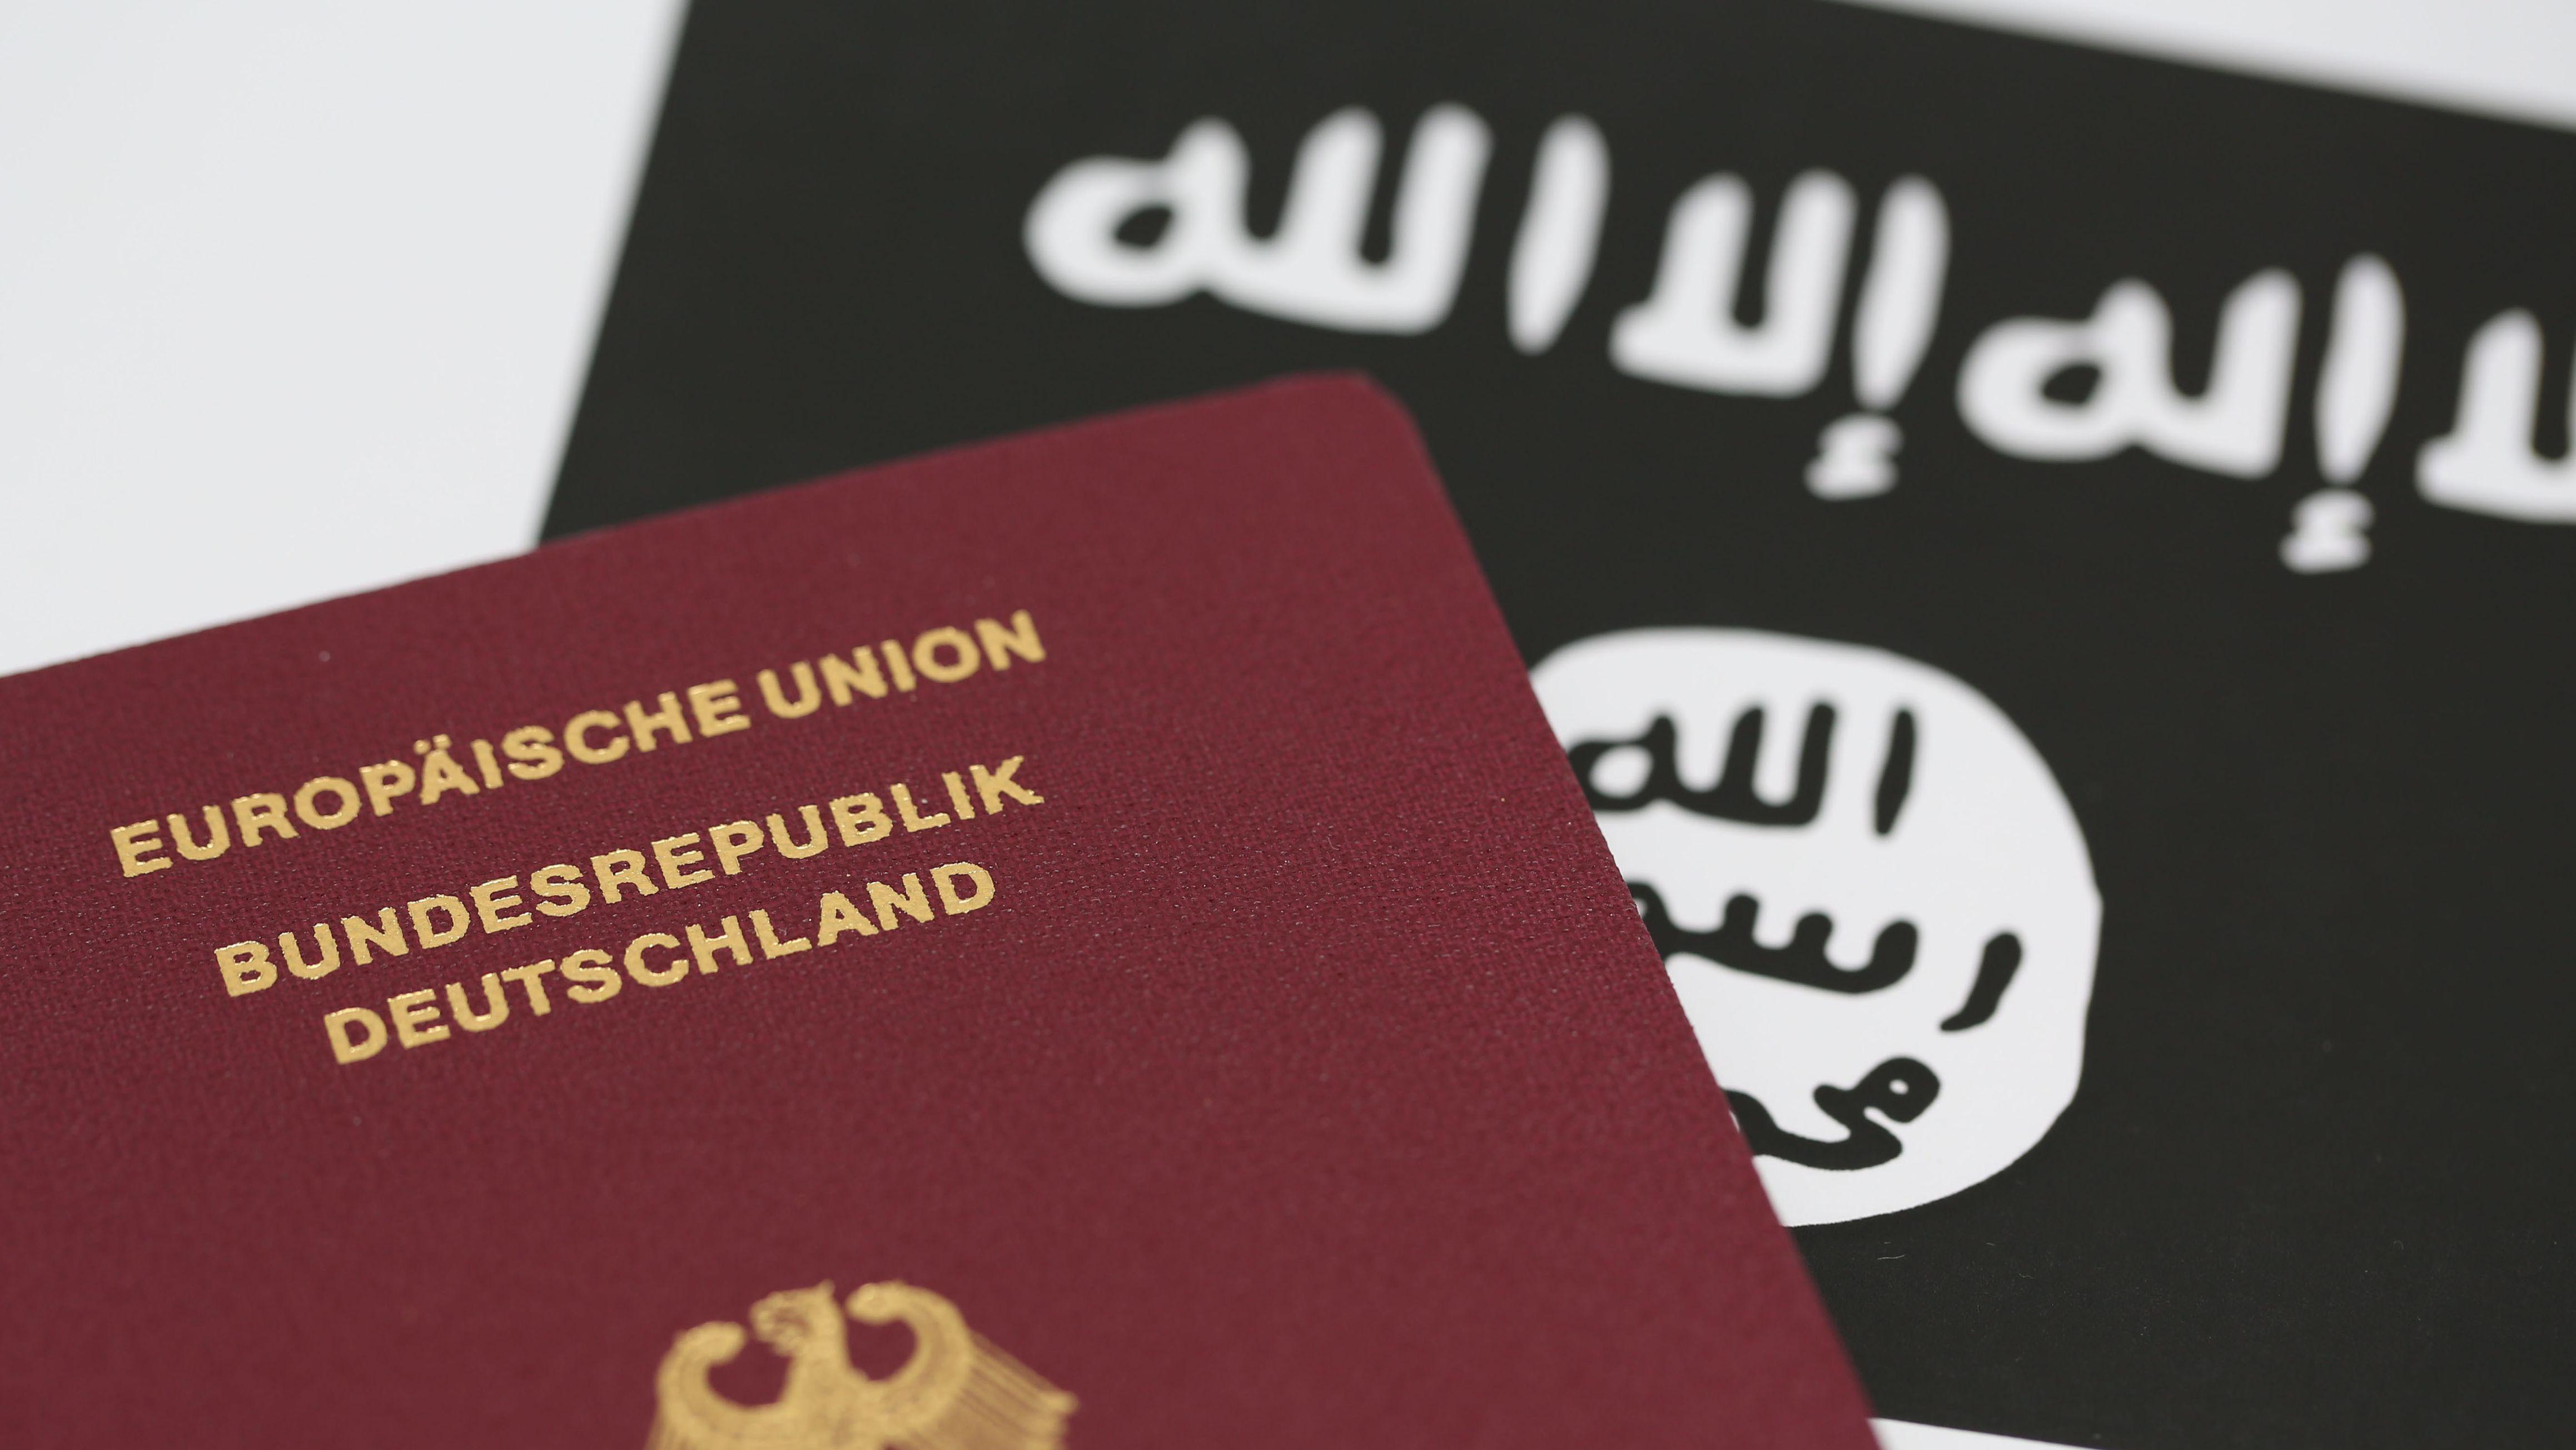 Reisepass der Bundesrepublik Deutschland vor der Flagge des so genannten Islamischen Staates (IS).